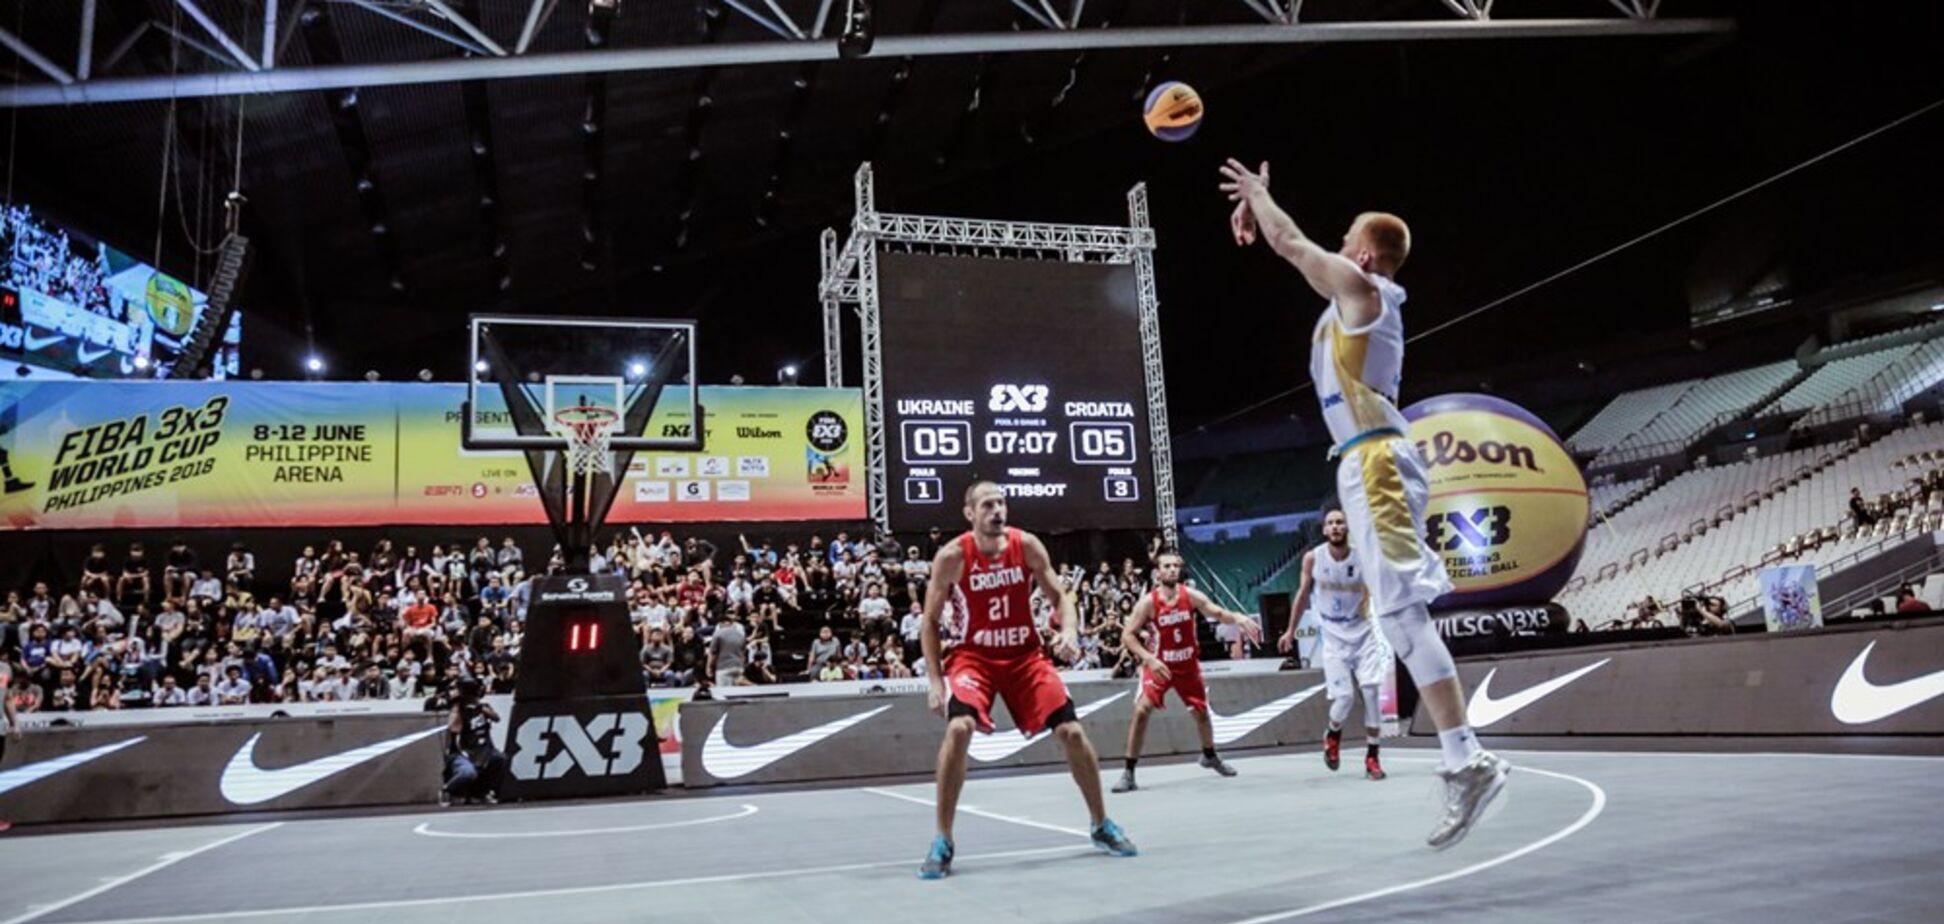 Україна за скандального суддівства програла в 1/4 фіналу КМ з баскетболу 3х3